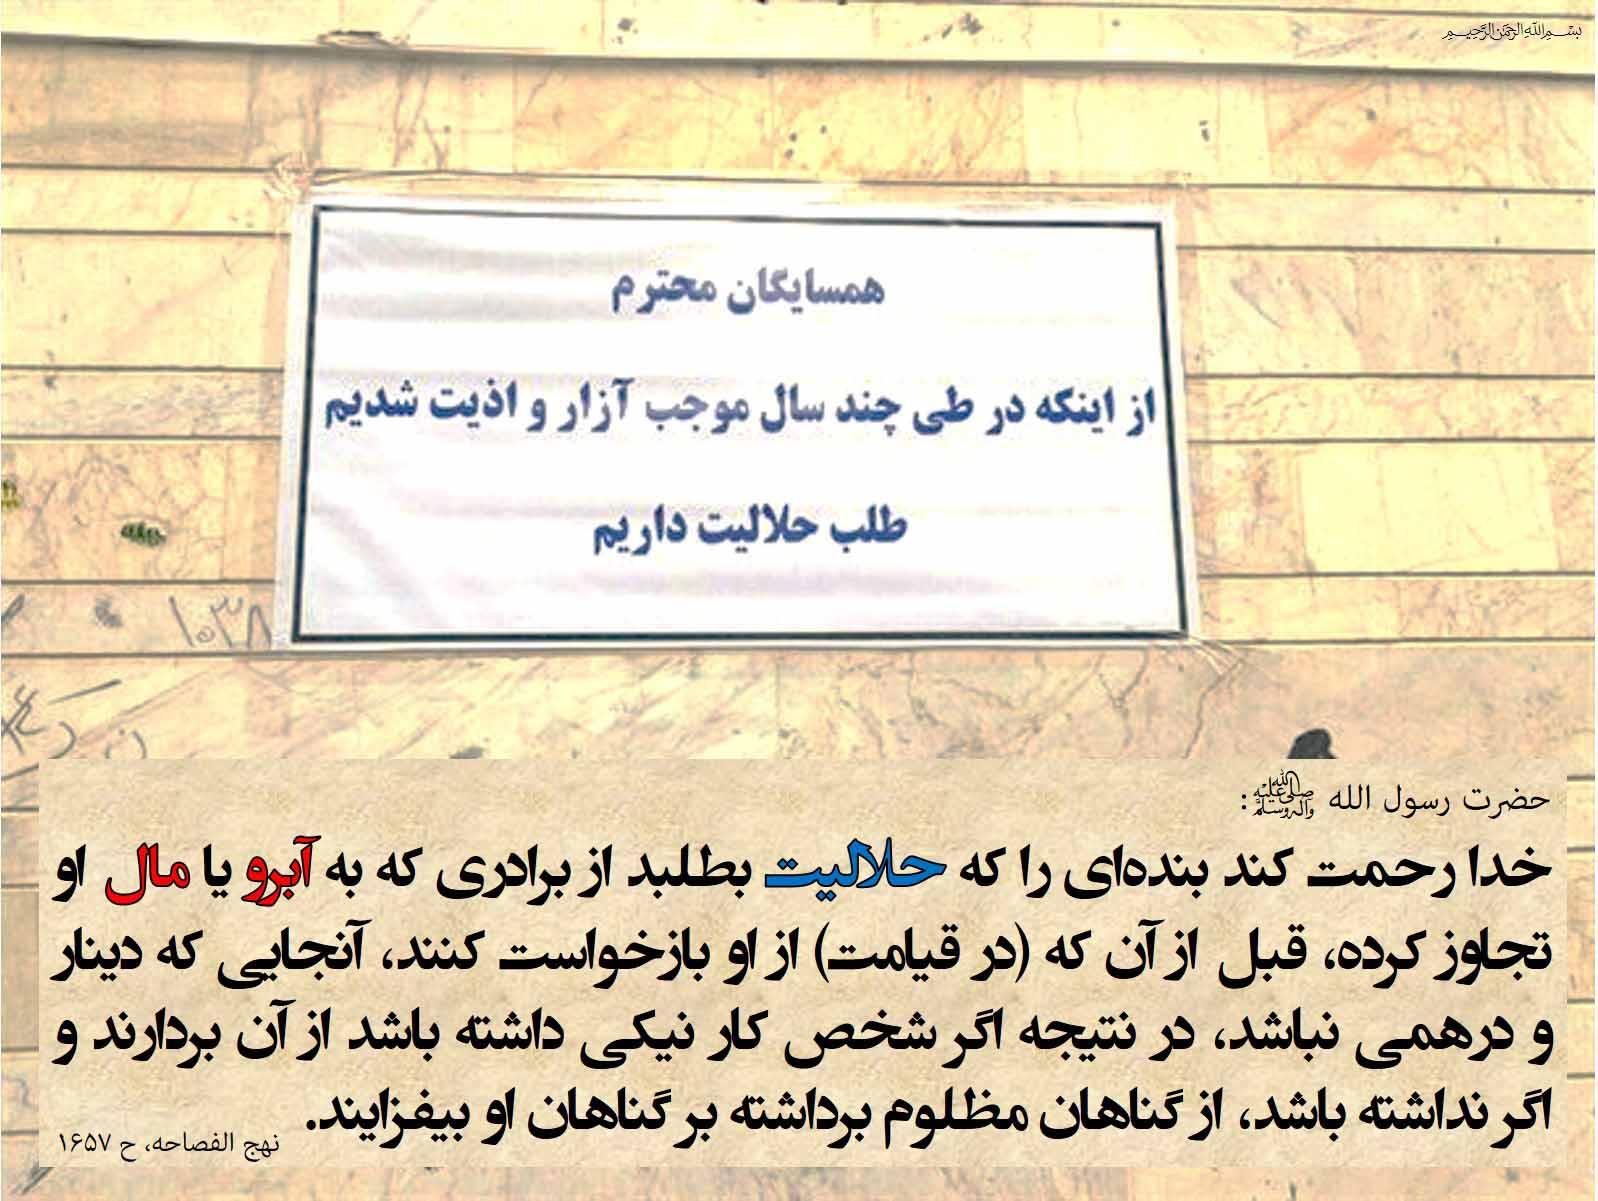 لزوم طلب حلالیت از جانب متجاوزین به مال و آبروی مردم